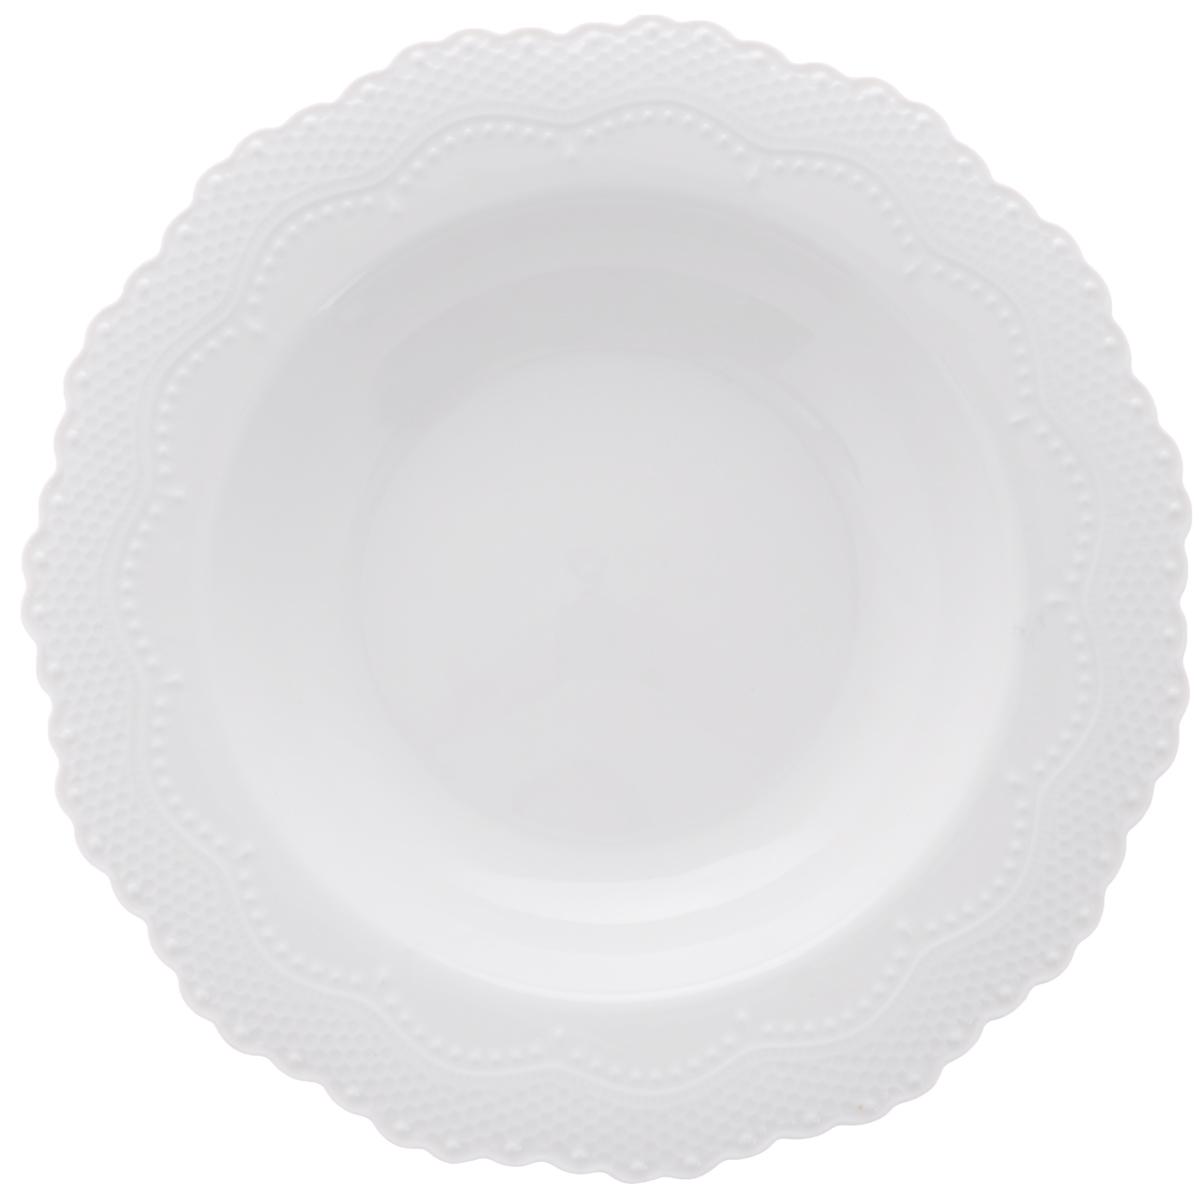 Тарелка суповая Walmer Vivien, цвет: белый, диаметр 22 смW07230022Суповая тарелка Walmer Vivien, изготовленная из высококачественного фарфора, имеет изысканный внешний вид. Яркий дизайн придется по вкусу и ценителям классики, и тем, кто предпочитает утонченность. Тарелка Walmer Vivien идеально подойдет для сервировки стола и станет отличным подарком к любому празднику. Можно мыть в посудомоечной машине. Диаметр (по верхнему краю): 22 см.